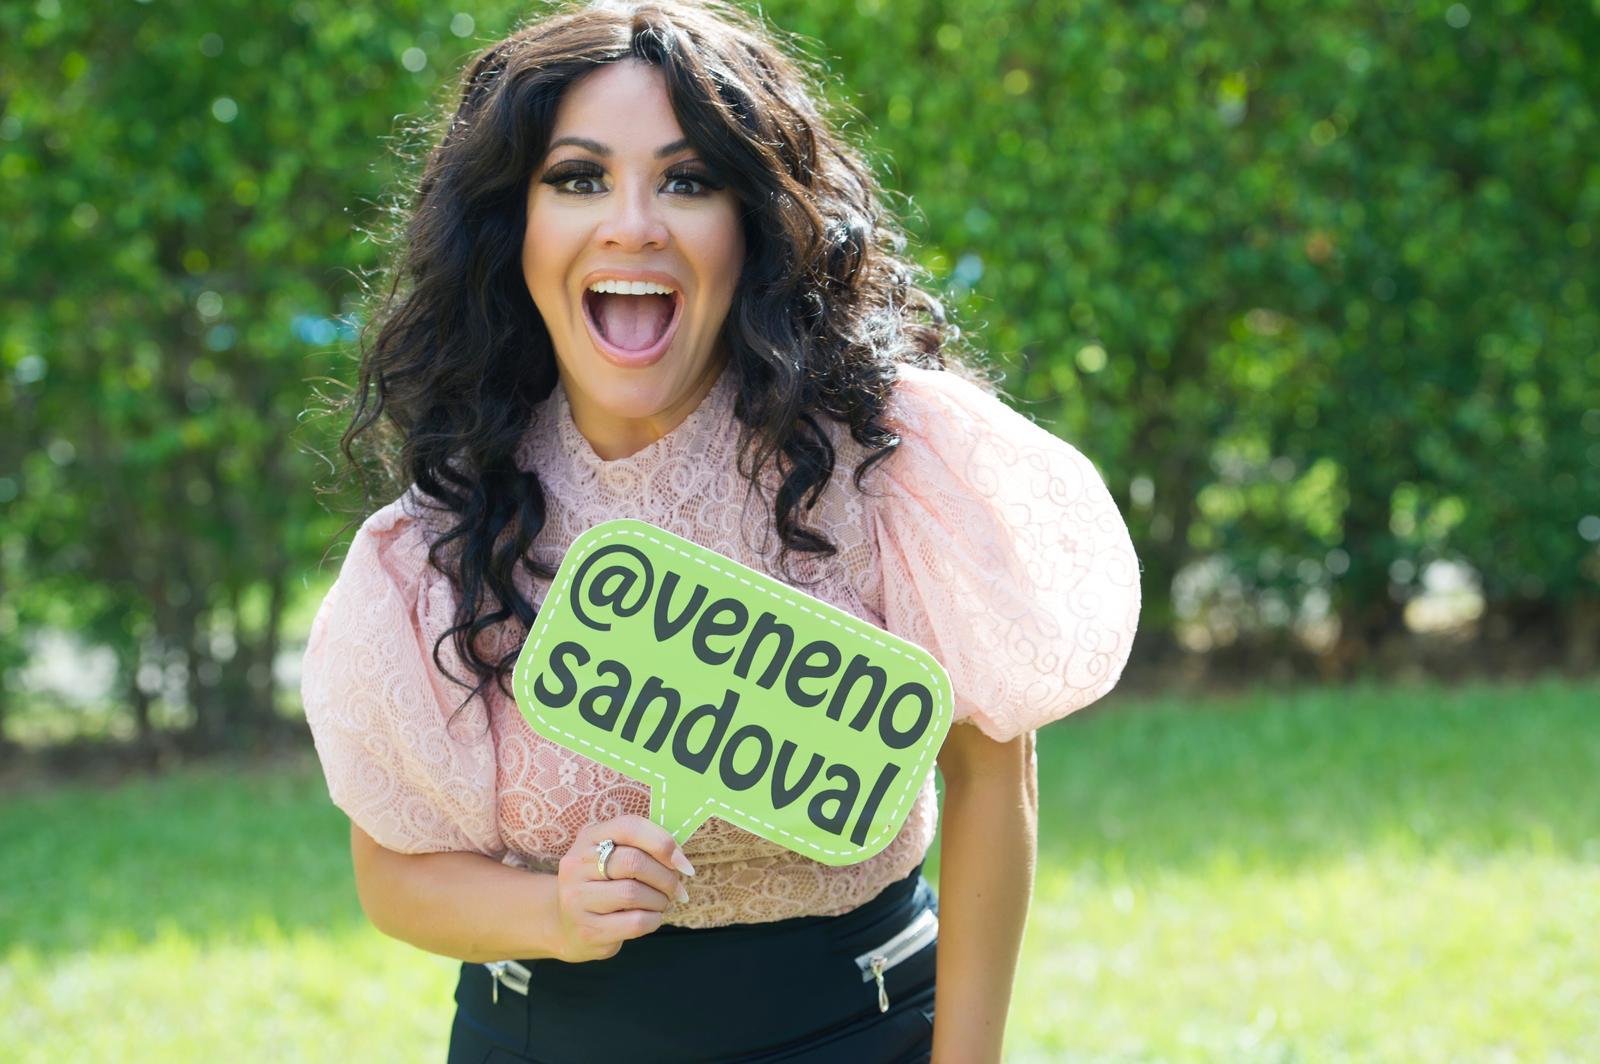 Carolina Sandoval